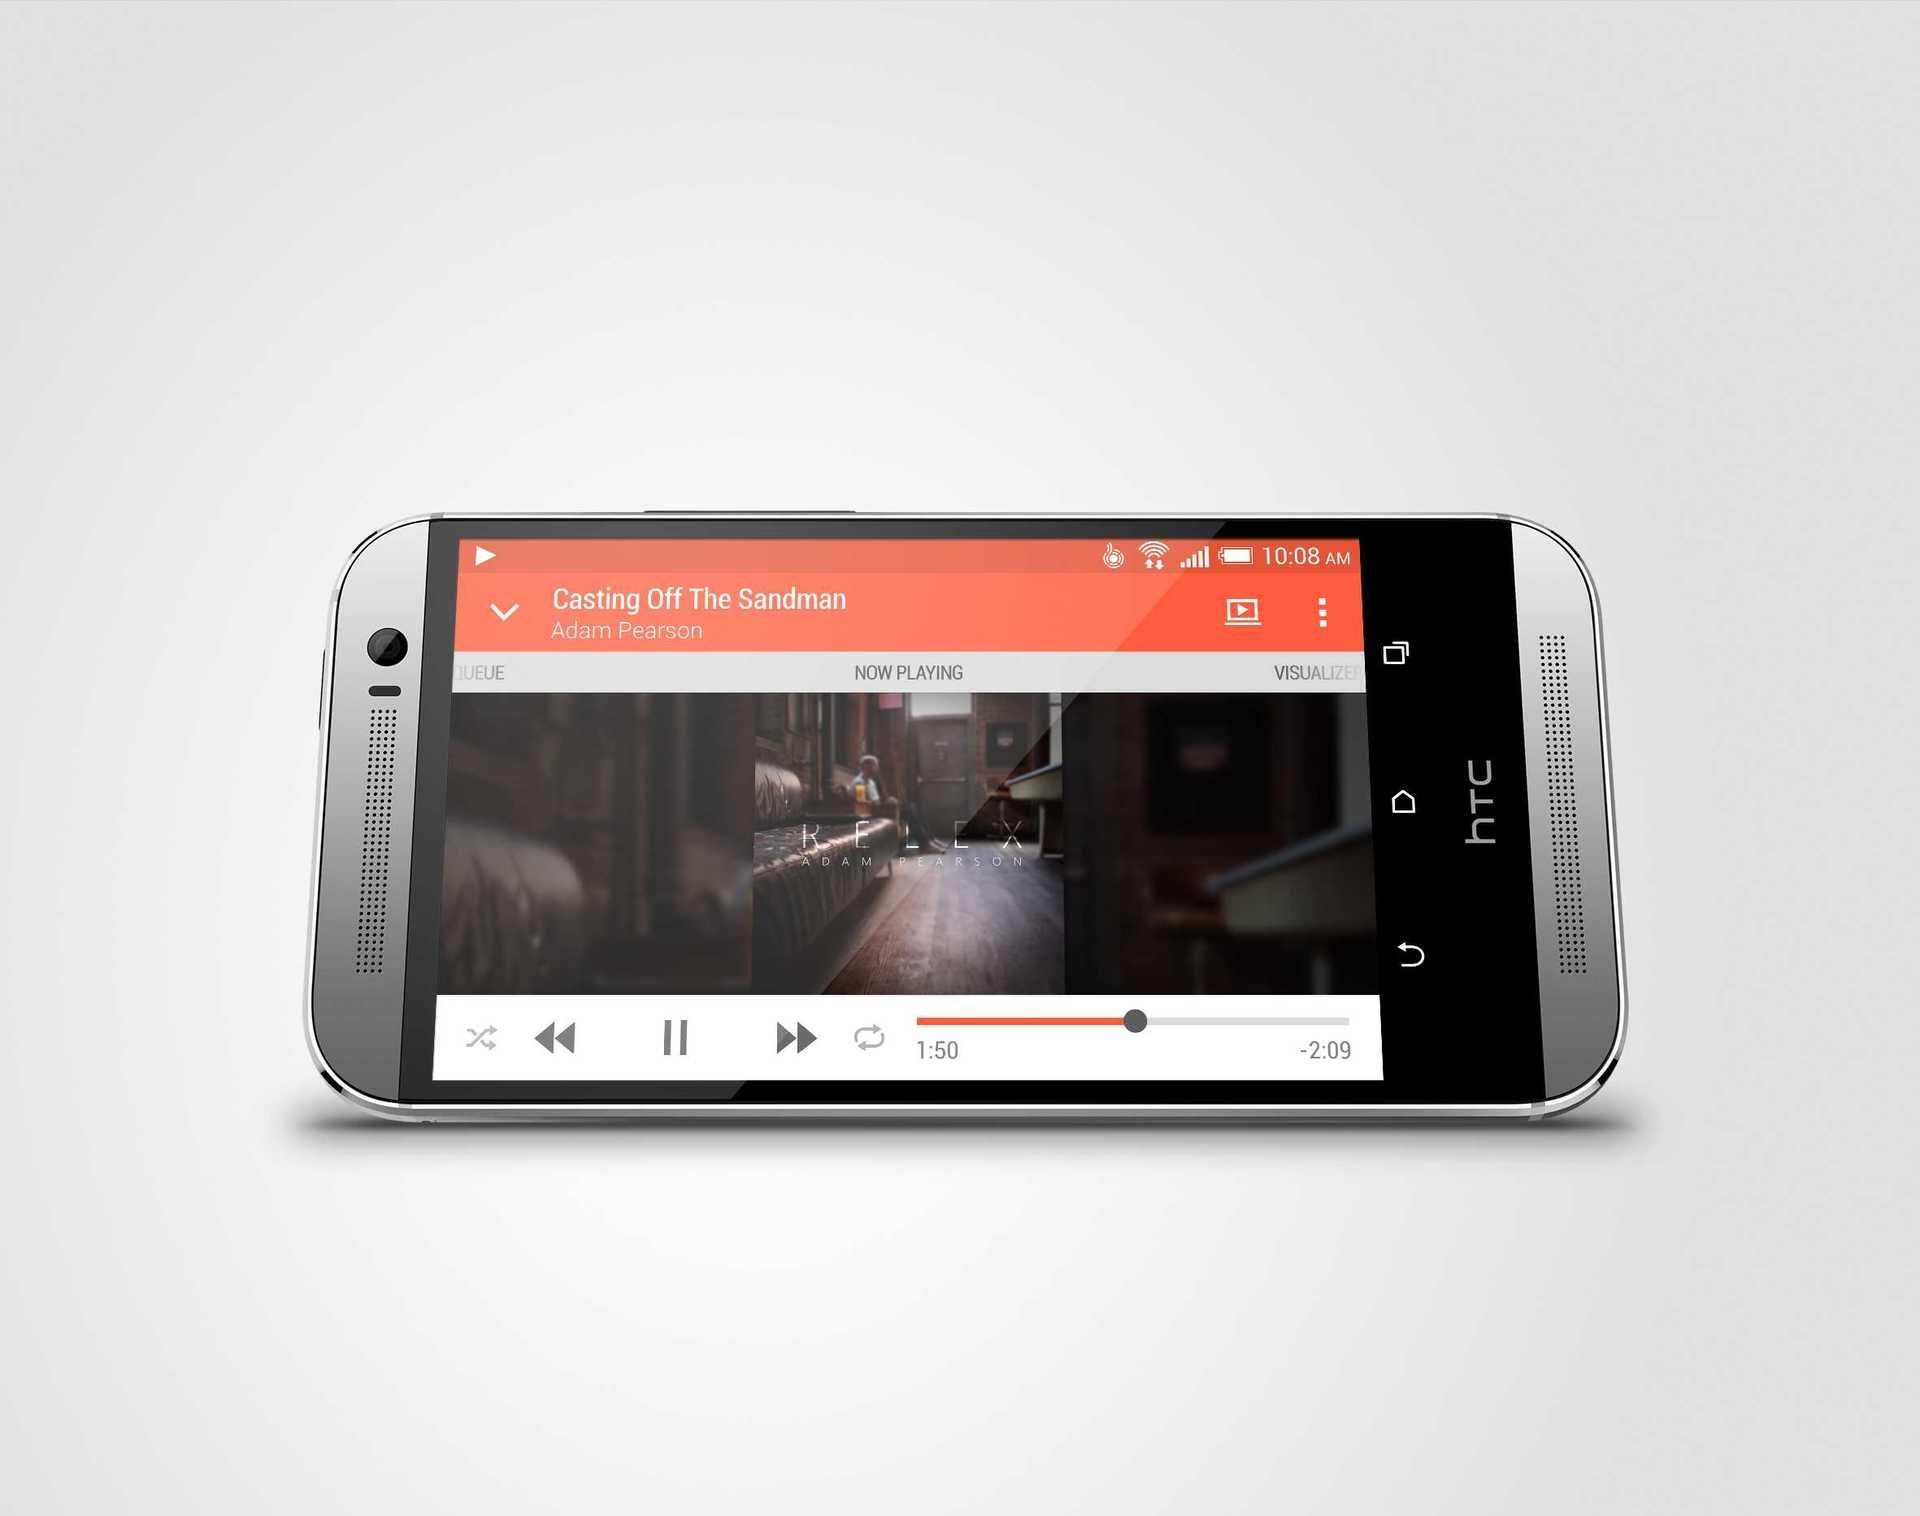 HTC One (M8) Ufficiale – Caratteristiche, dettagli e prezzo del nuovo top di gamma 2014 HTC